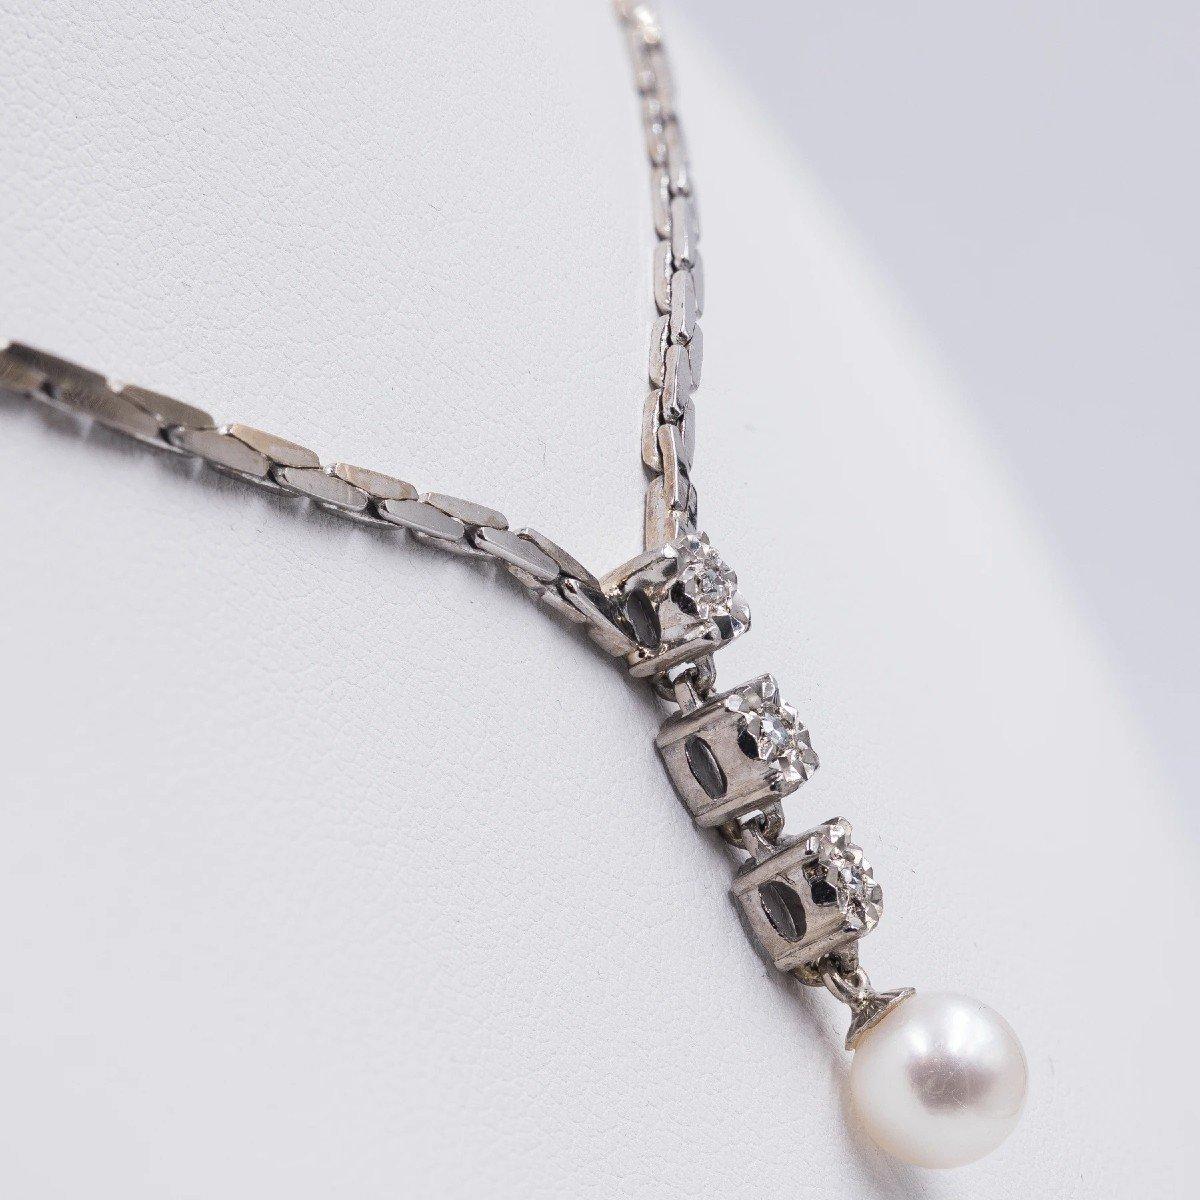 Collier Vintage En Or Blanc 14 Ct Avec 3 Diamants (0.15 Ct) Et Perle, AnnÉes 80-photo-2